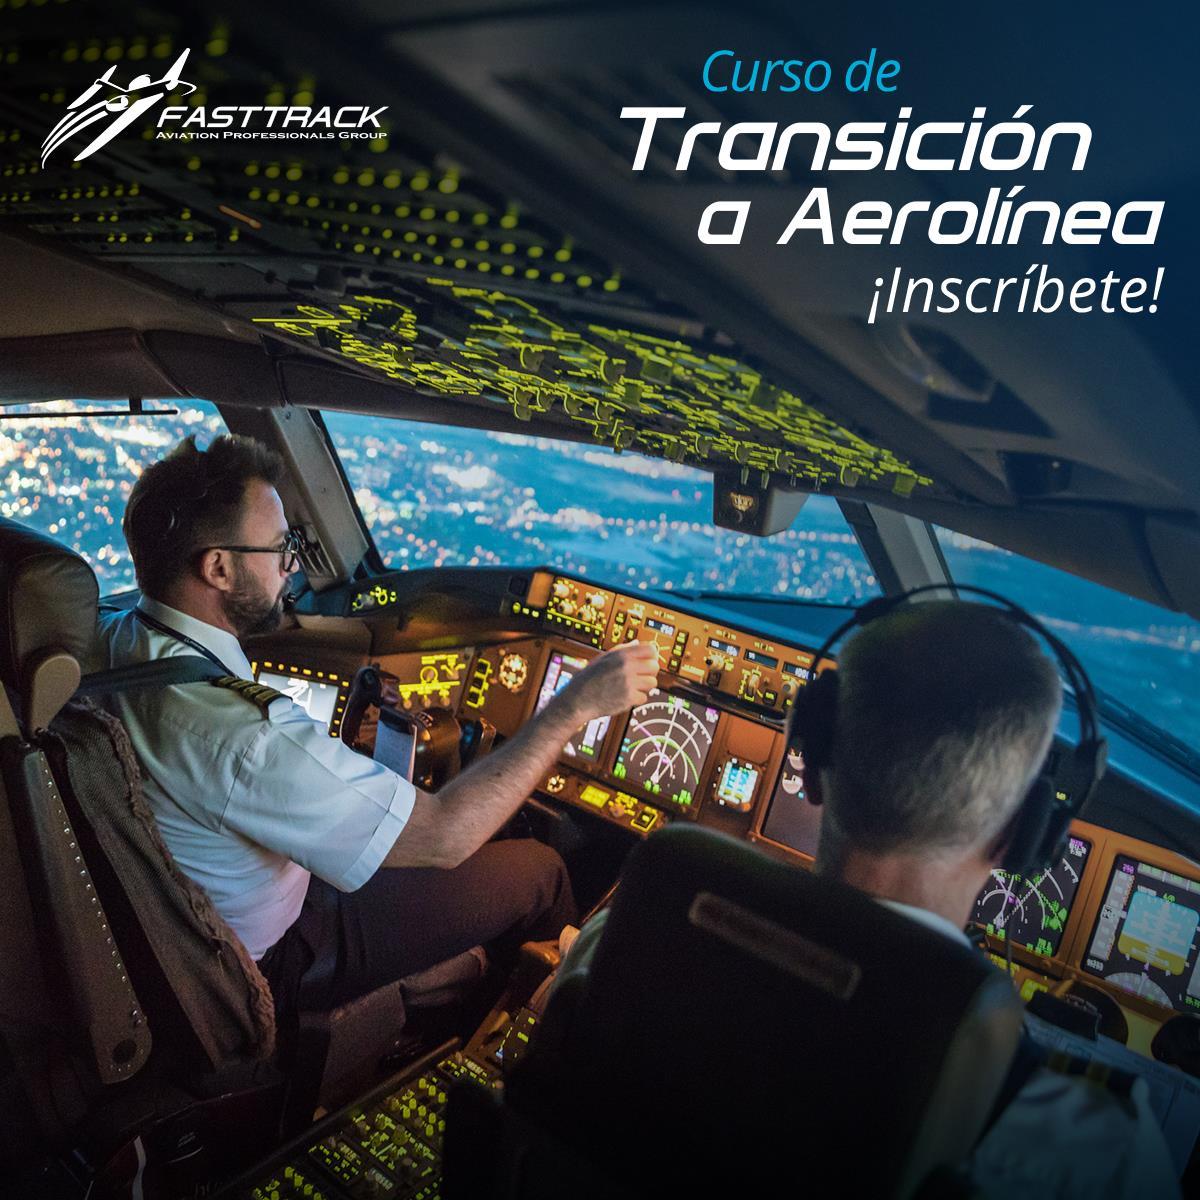 Curso de Transición a Aerolínea